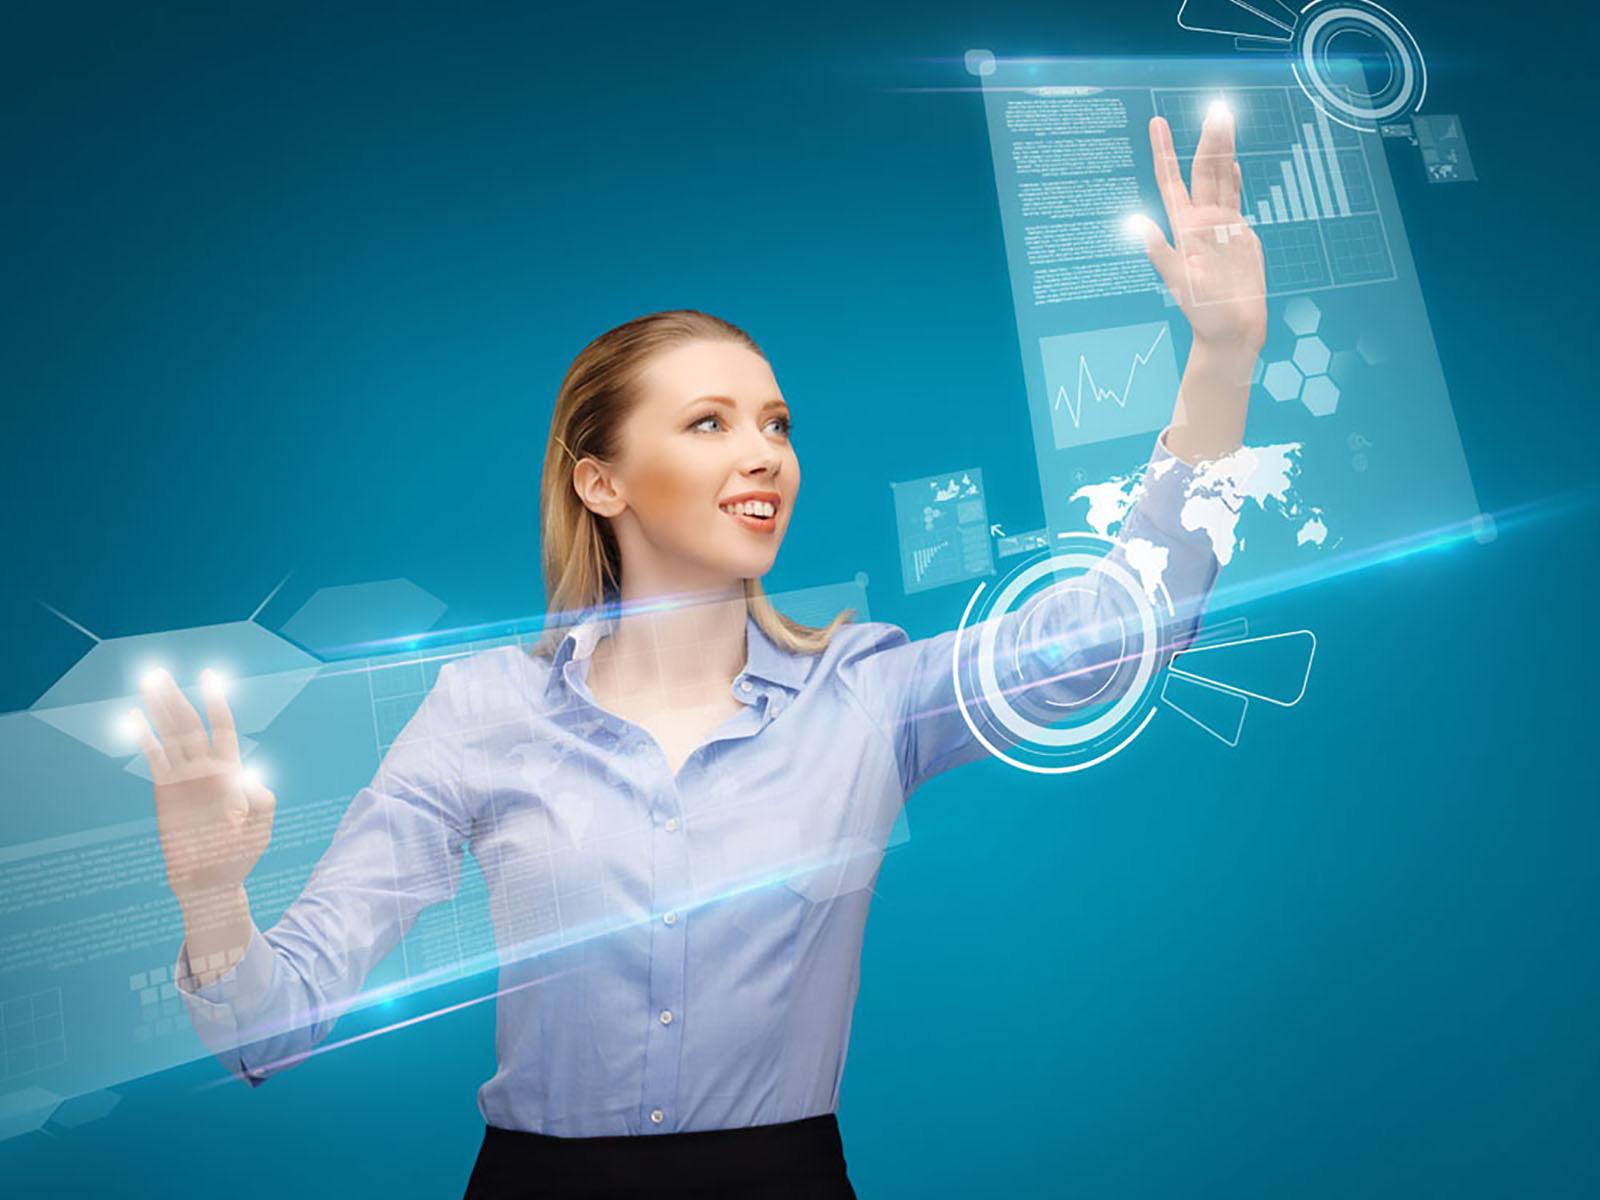 Бесплатный вебинар: Онлайн и удаленка: как сохранить ценные для бизнеса данные от порчи и потерь